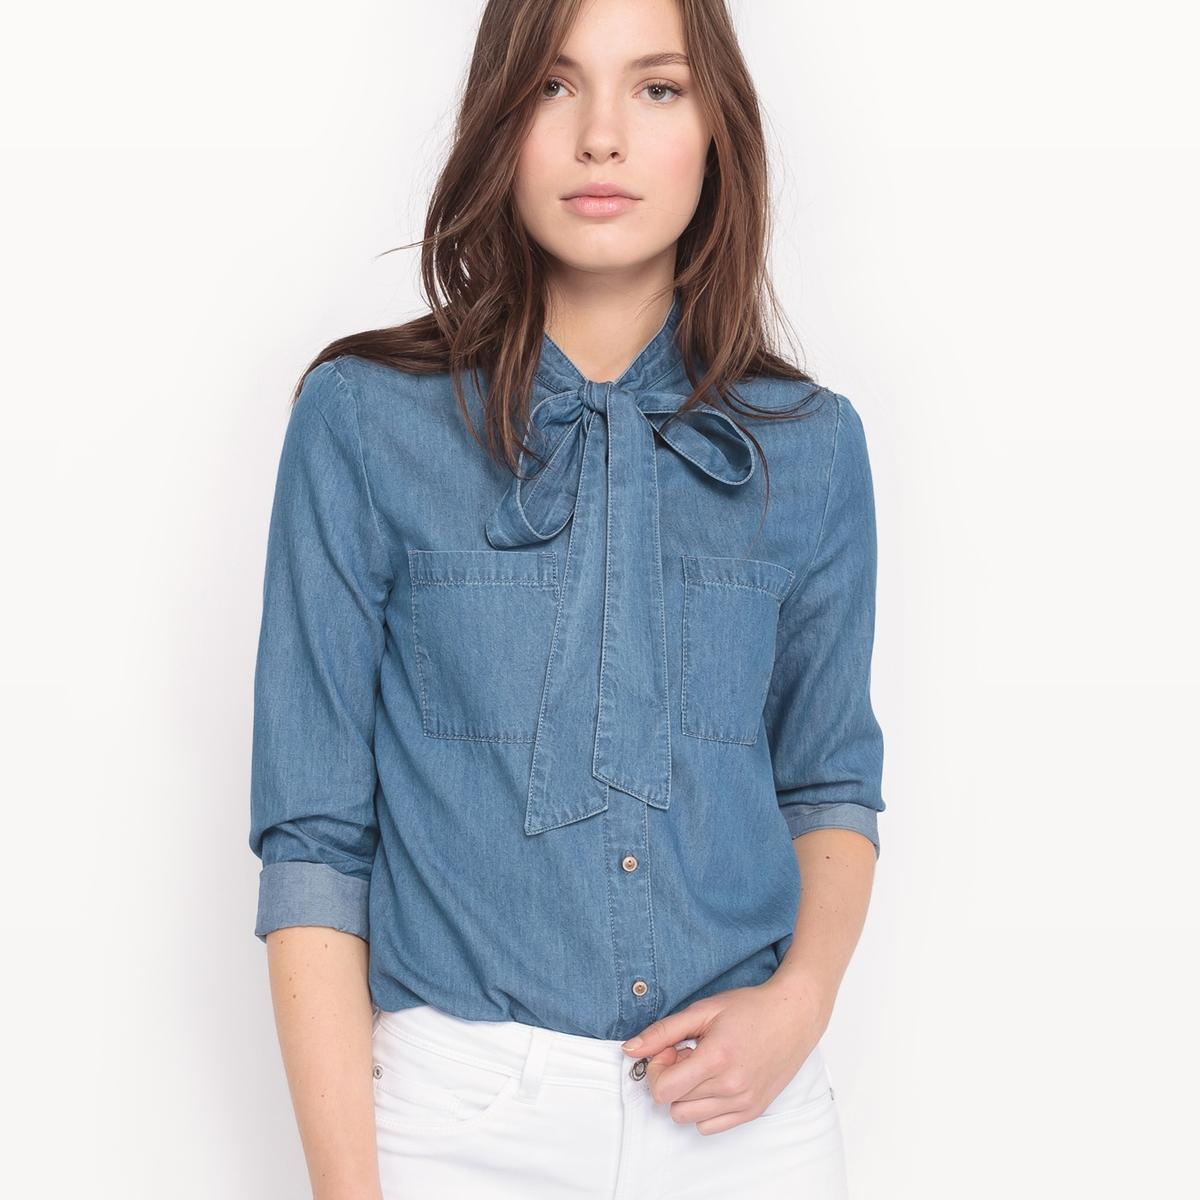 Рубашка джинсовая с длинными рукавамиДетали   •  Длинные рукава  •  Прямой покрой  •  Круглый вырез Состав и уход  •  100% хлопок • Просьба следовать советам по уходу, указанным на этикетке изделия<br><br>Цвет: синий потертый<br>Размер: 34 (FR) - 40 (RUS)